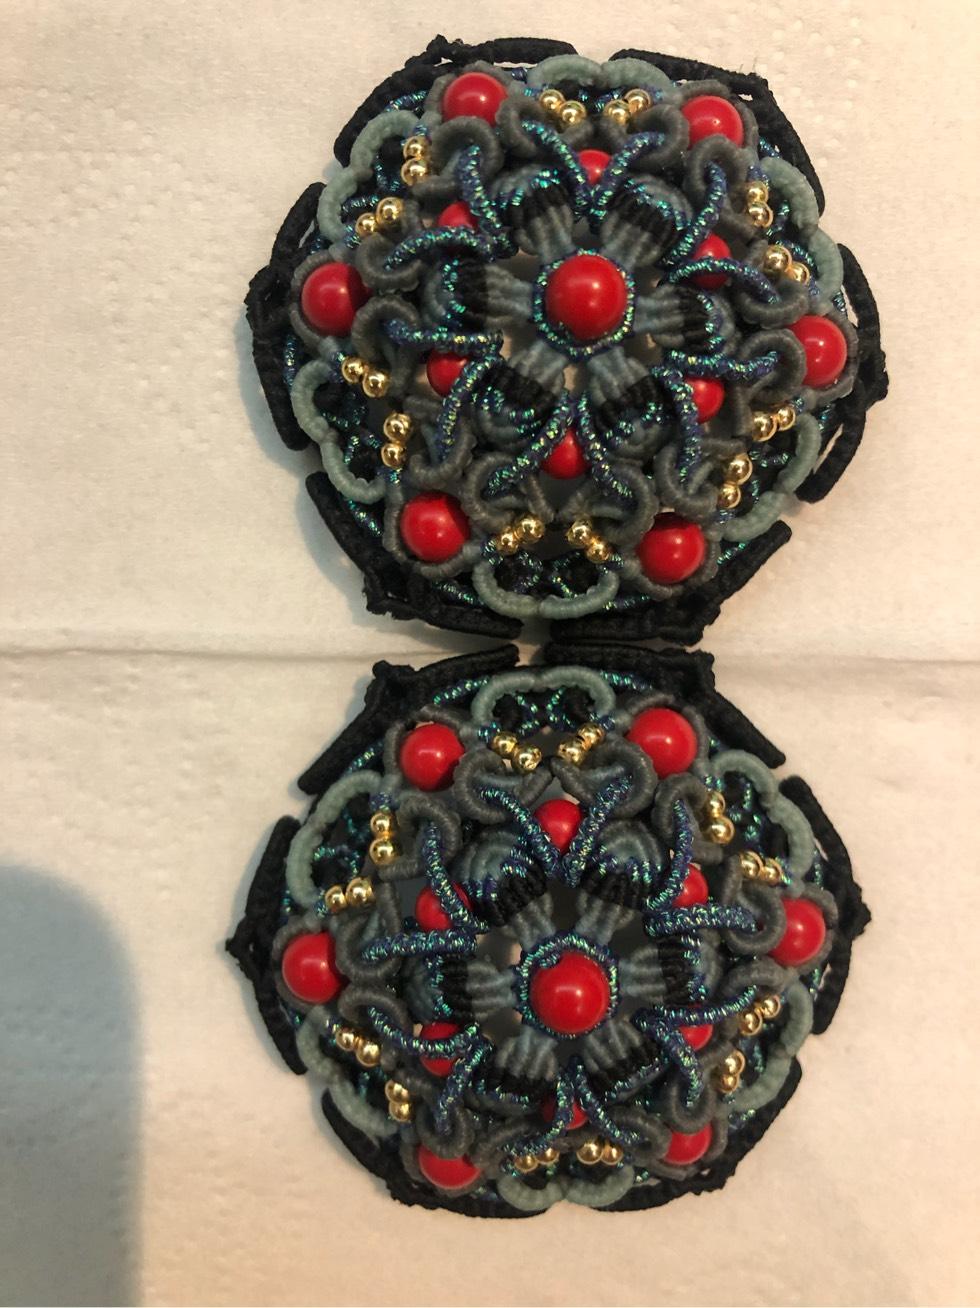 中国结论坛 香囊——莲韵 如何缝制香囊,香囊教程,香囊袋 作品展示 101532dwkdwcqqzfddssqw